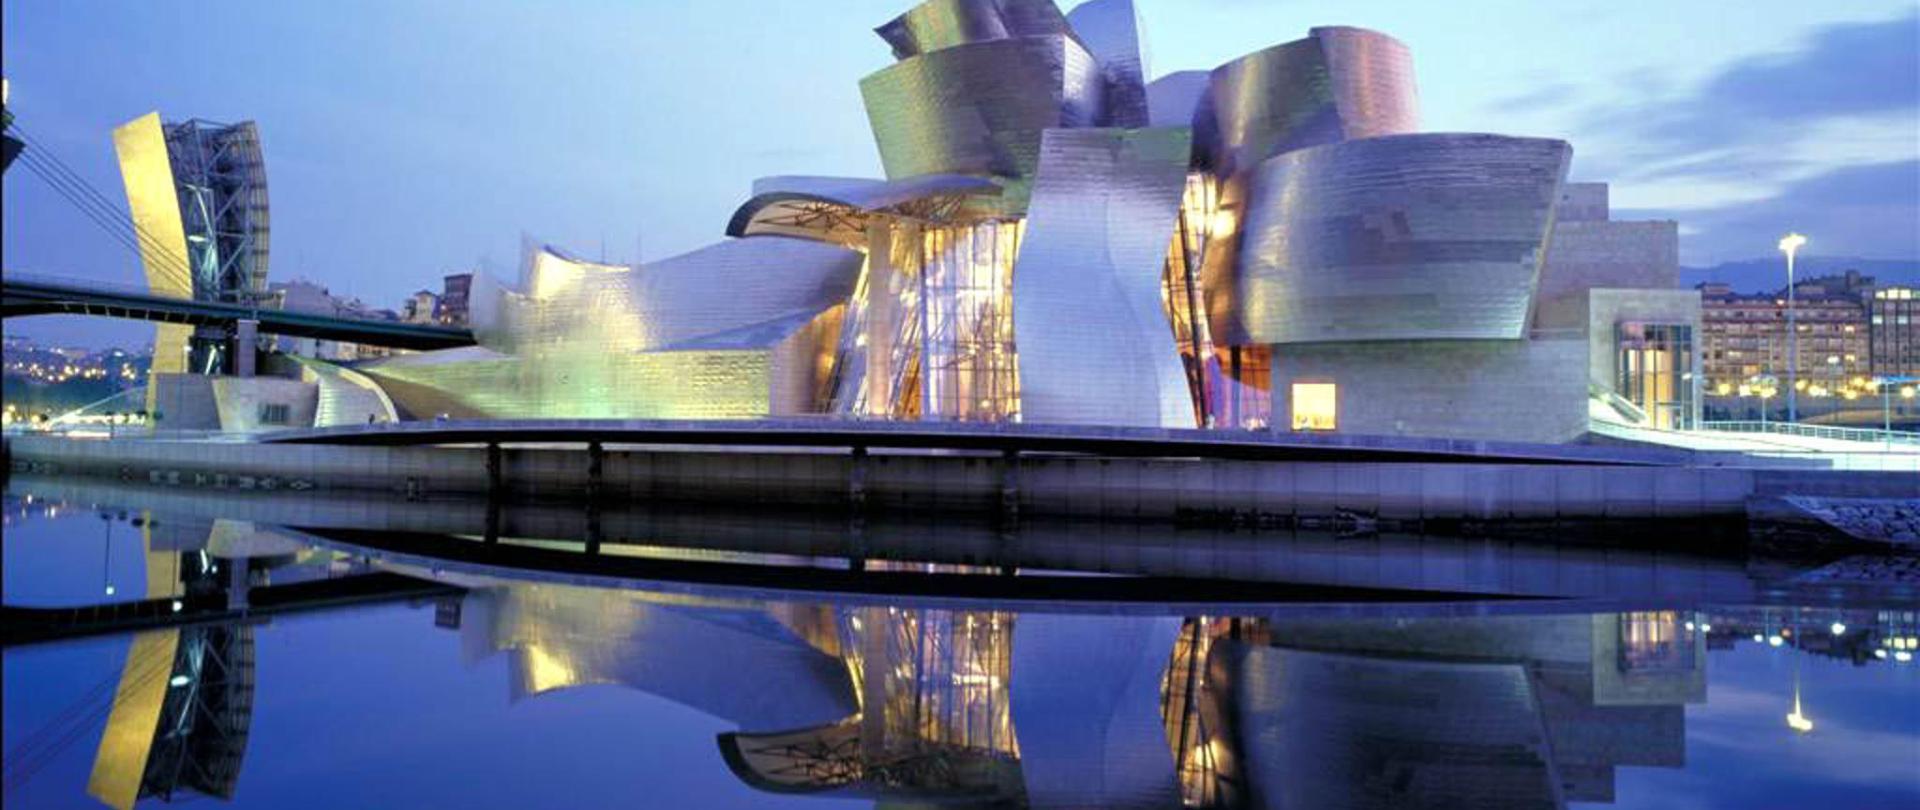 Guggenheim_Museum_Panorama,_Bilbao_(26779511962).jpg